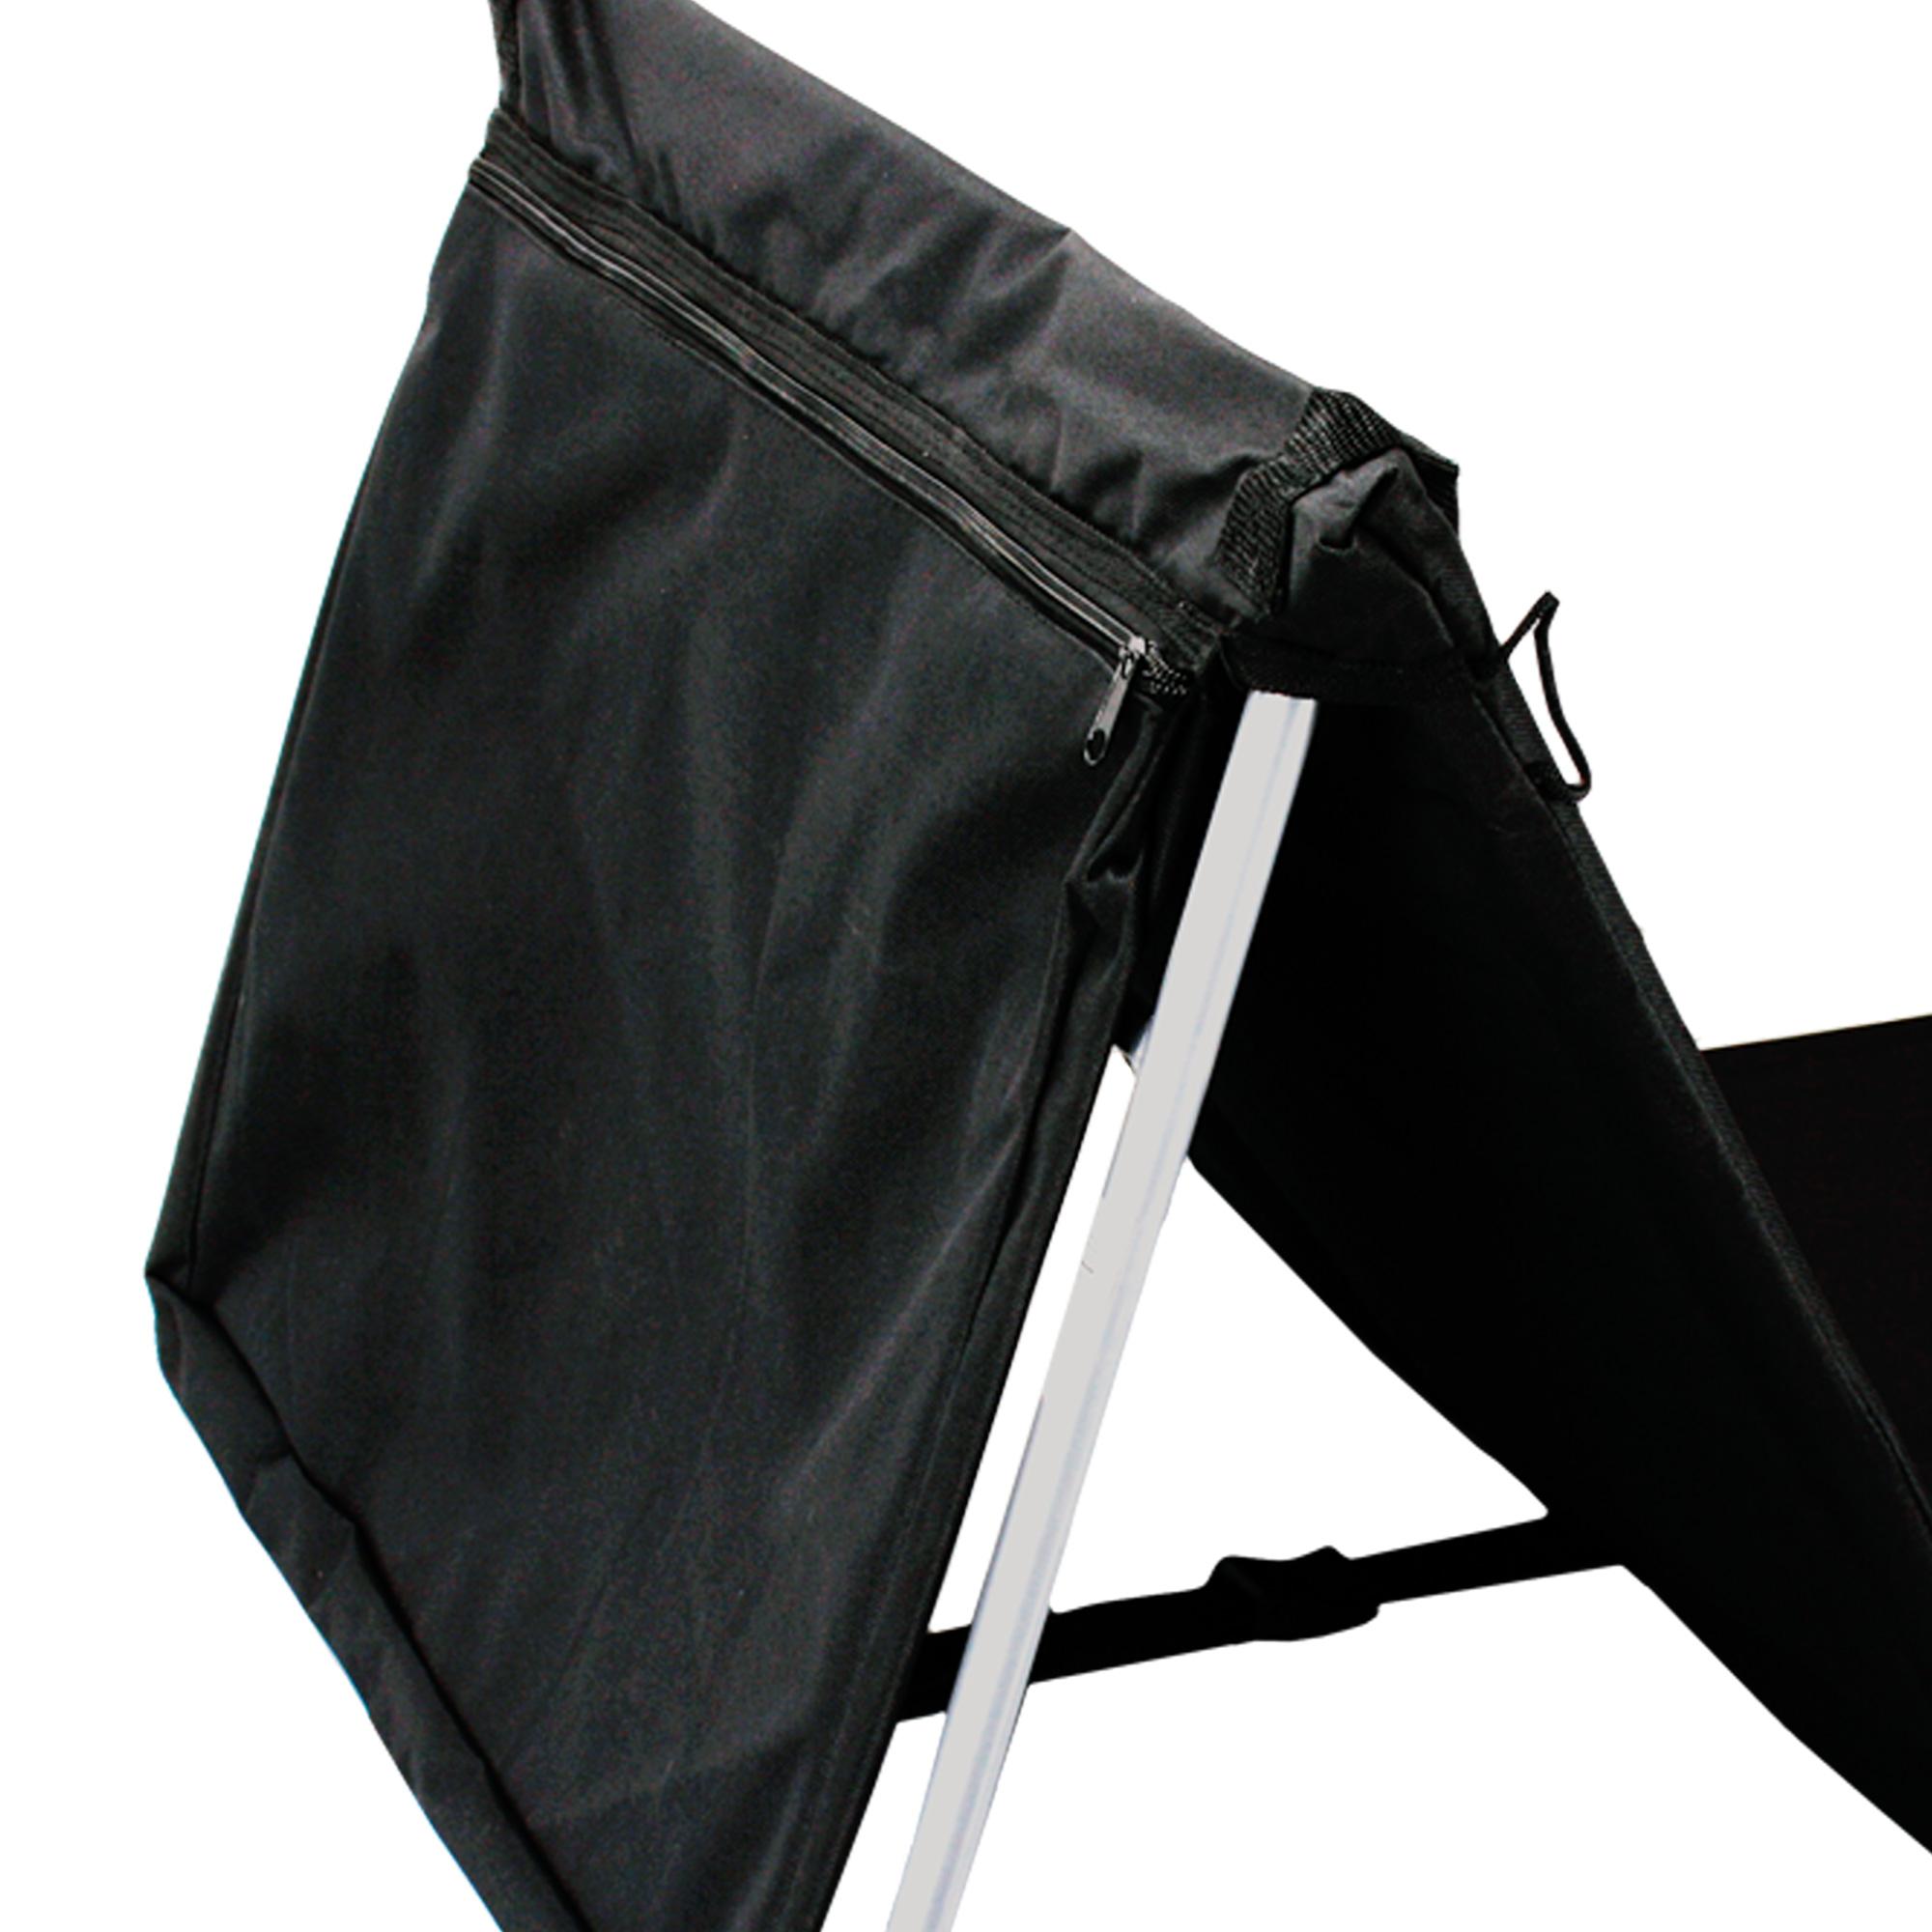 Pliable chaise de plage natte longue pliante tapis pelouse for Relax plage pliante